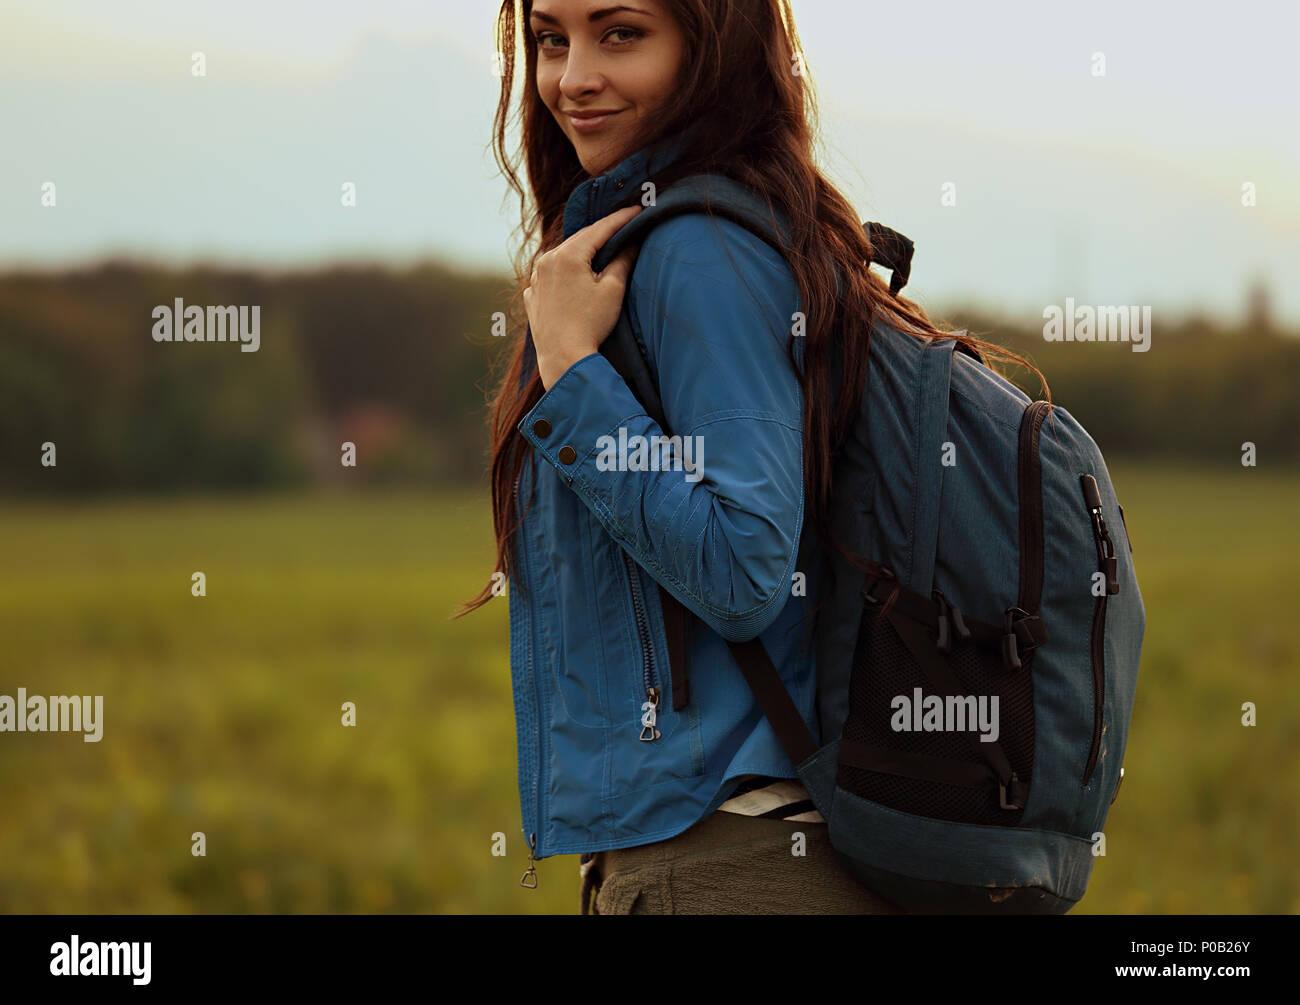 Feliz mochileros aventureros mujer tienen un camping con azul enorme gaita en la naturaleza atardecer de verano antecedentes Imagen De Stock